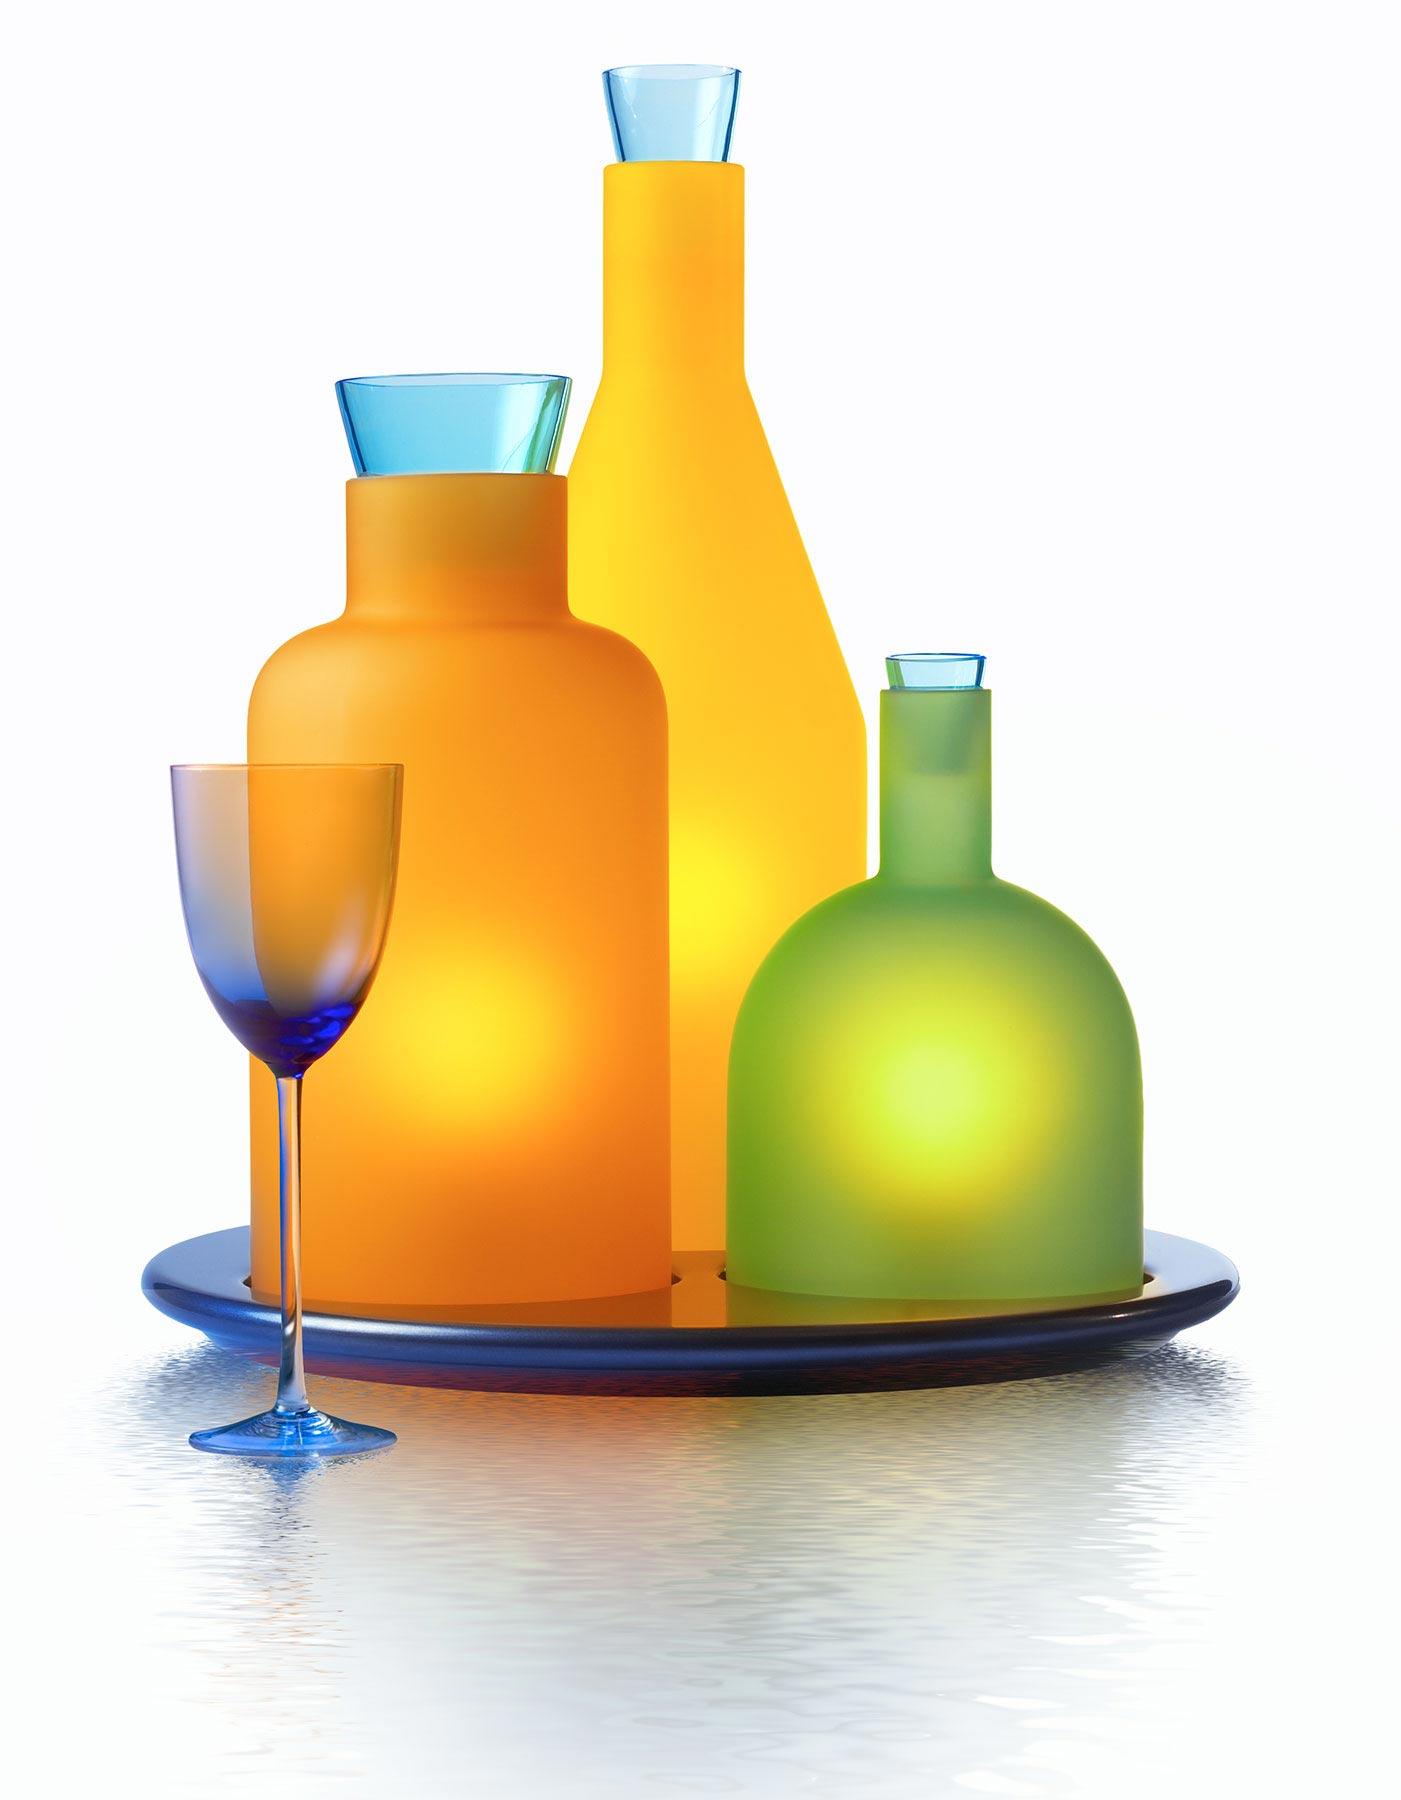 bottle-lamp-reflection2.jpg